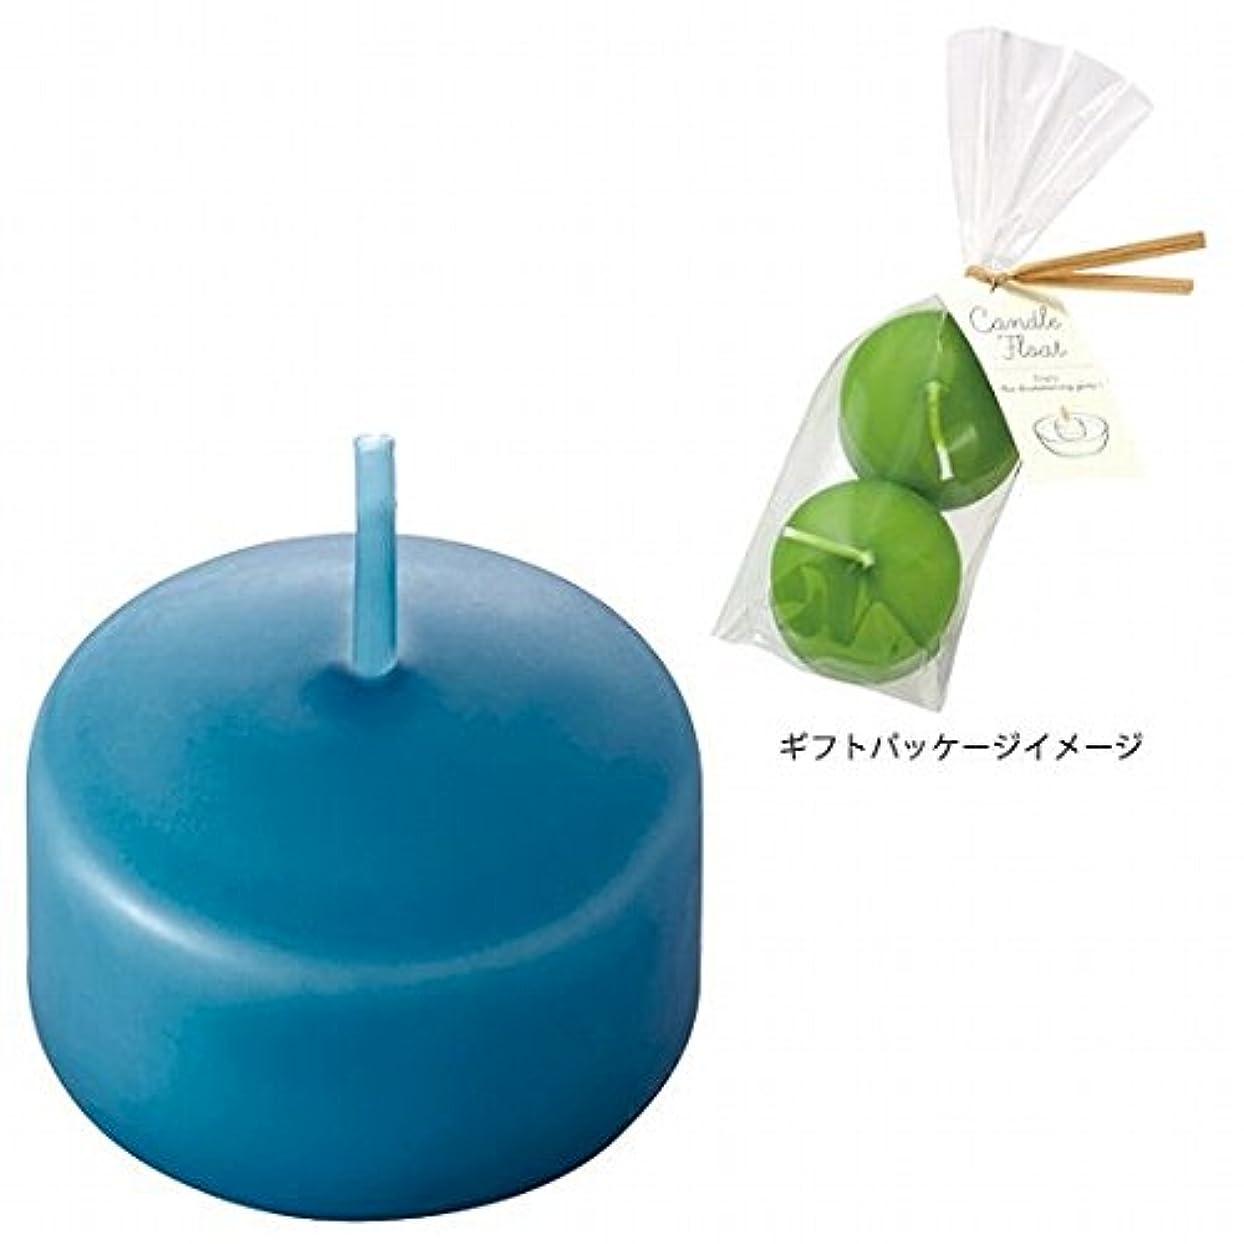 聴覚障害者銃ラバカメヤマキャンドル(kameyama candle) ハッピープール(2個入り) キャンドル 「コバルトブルー」